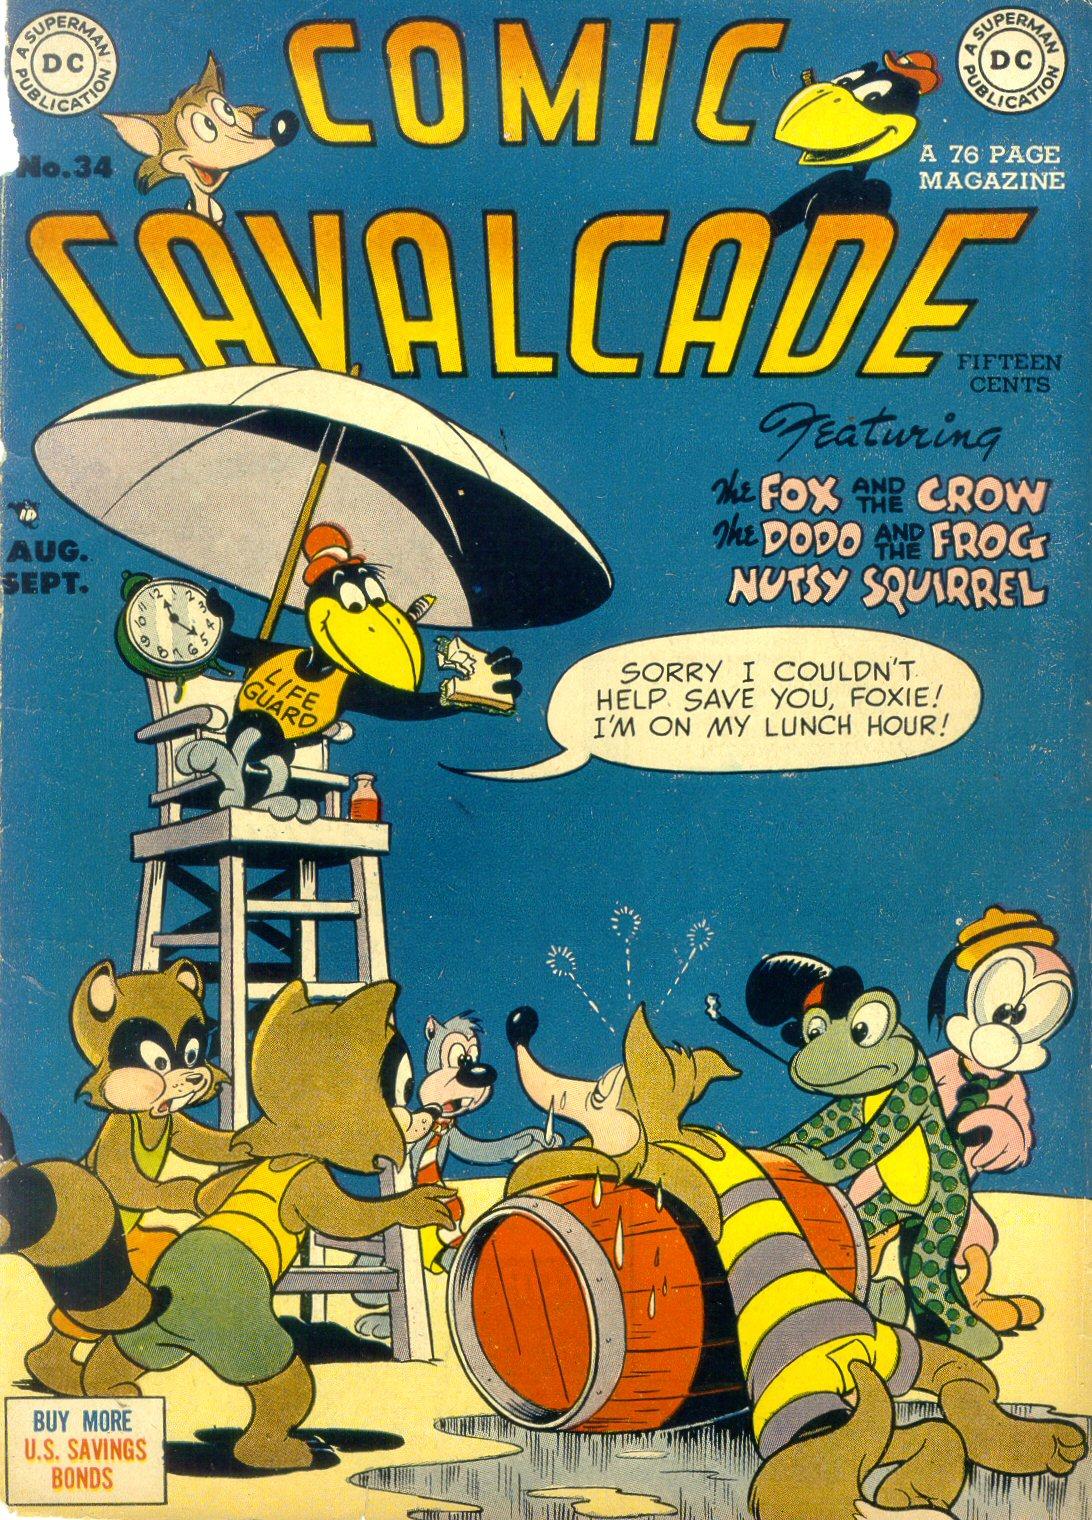 Comic Cavalcade 34 Page 1